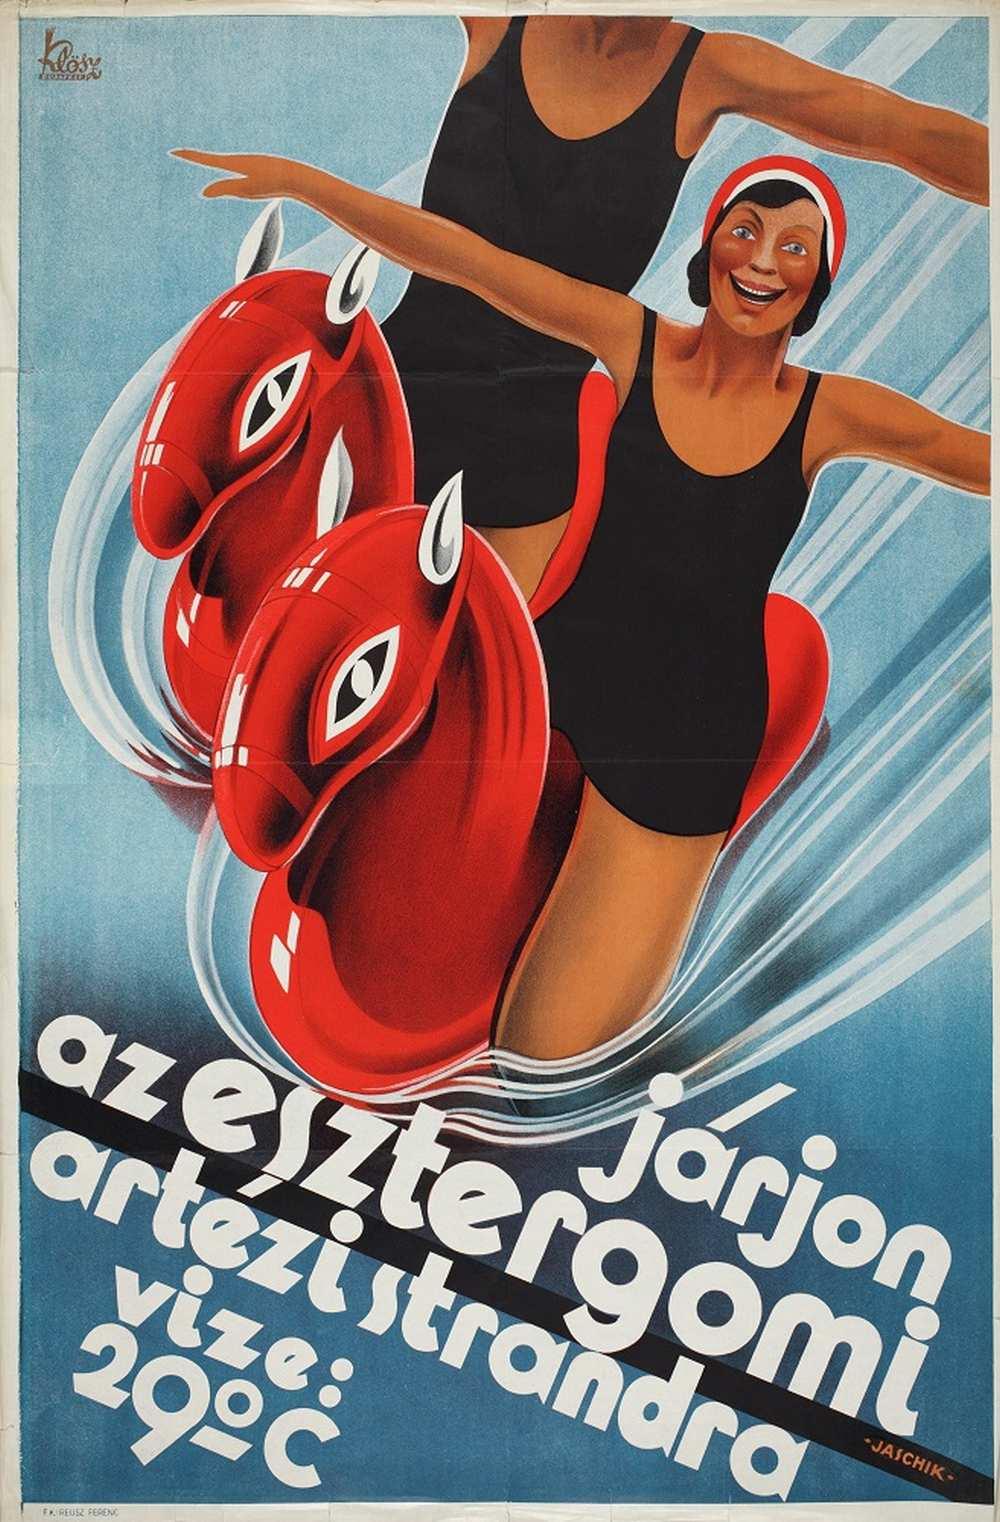 Jaschik Álmos: Járjon az esztergomi artézi strandra (1931) – Térkép-, Plakát- és Kisnyomtatványtár. Jelzet: PKG.1931/227 http://nektar.oszk.hu/hu/manifestation/2800022